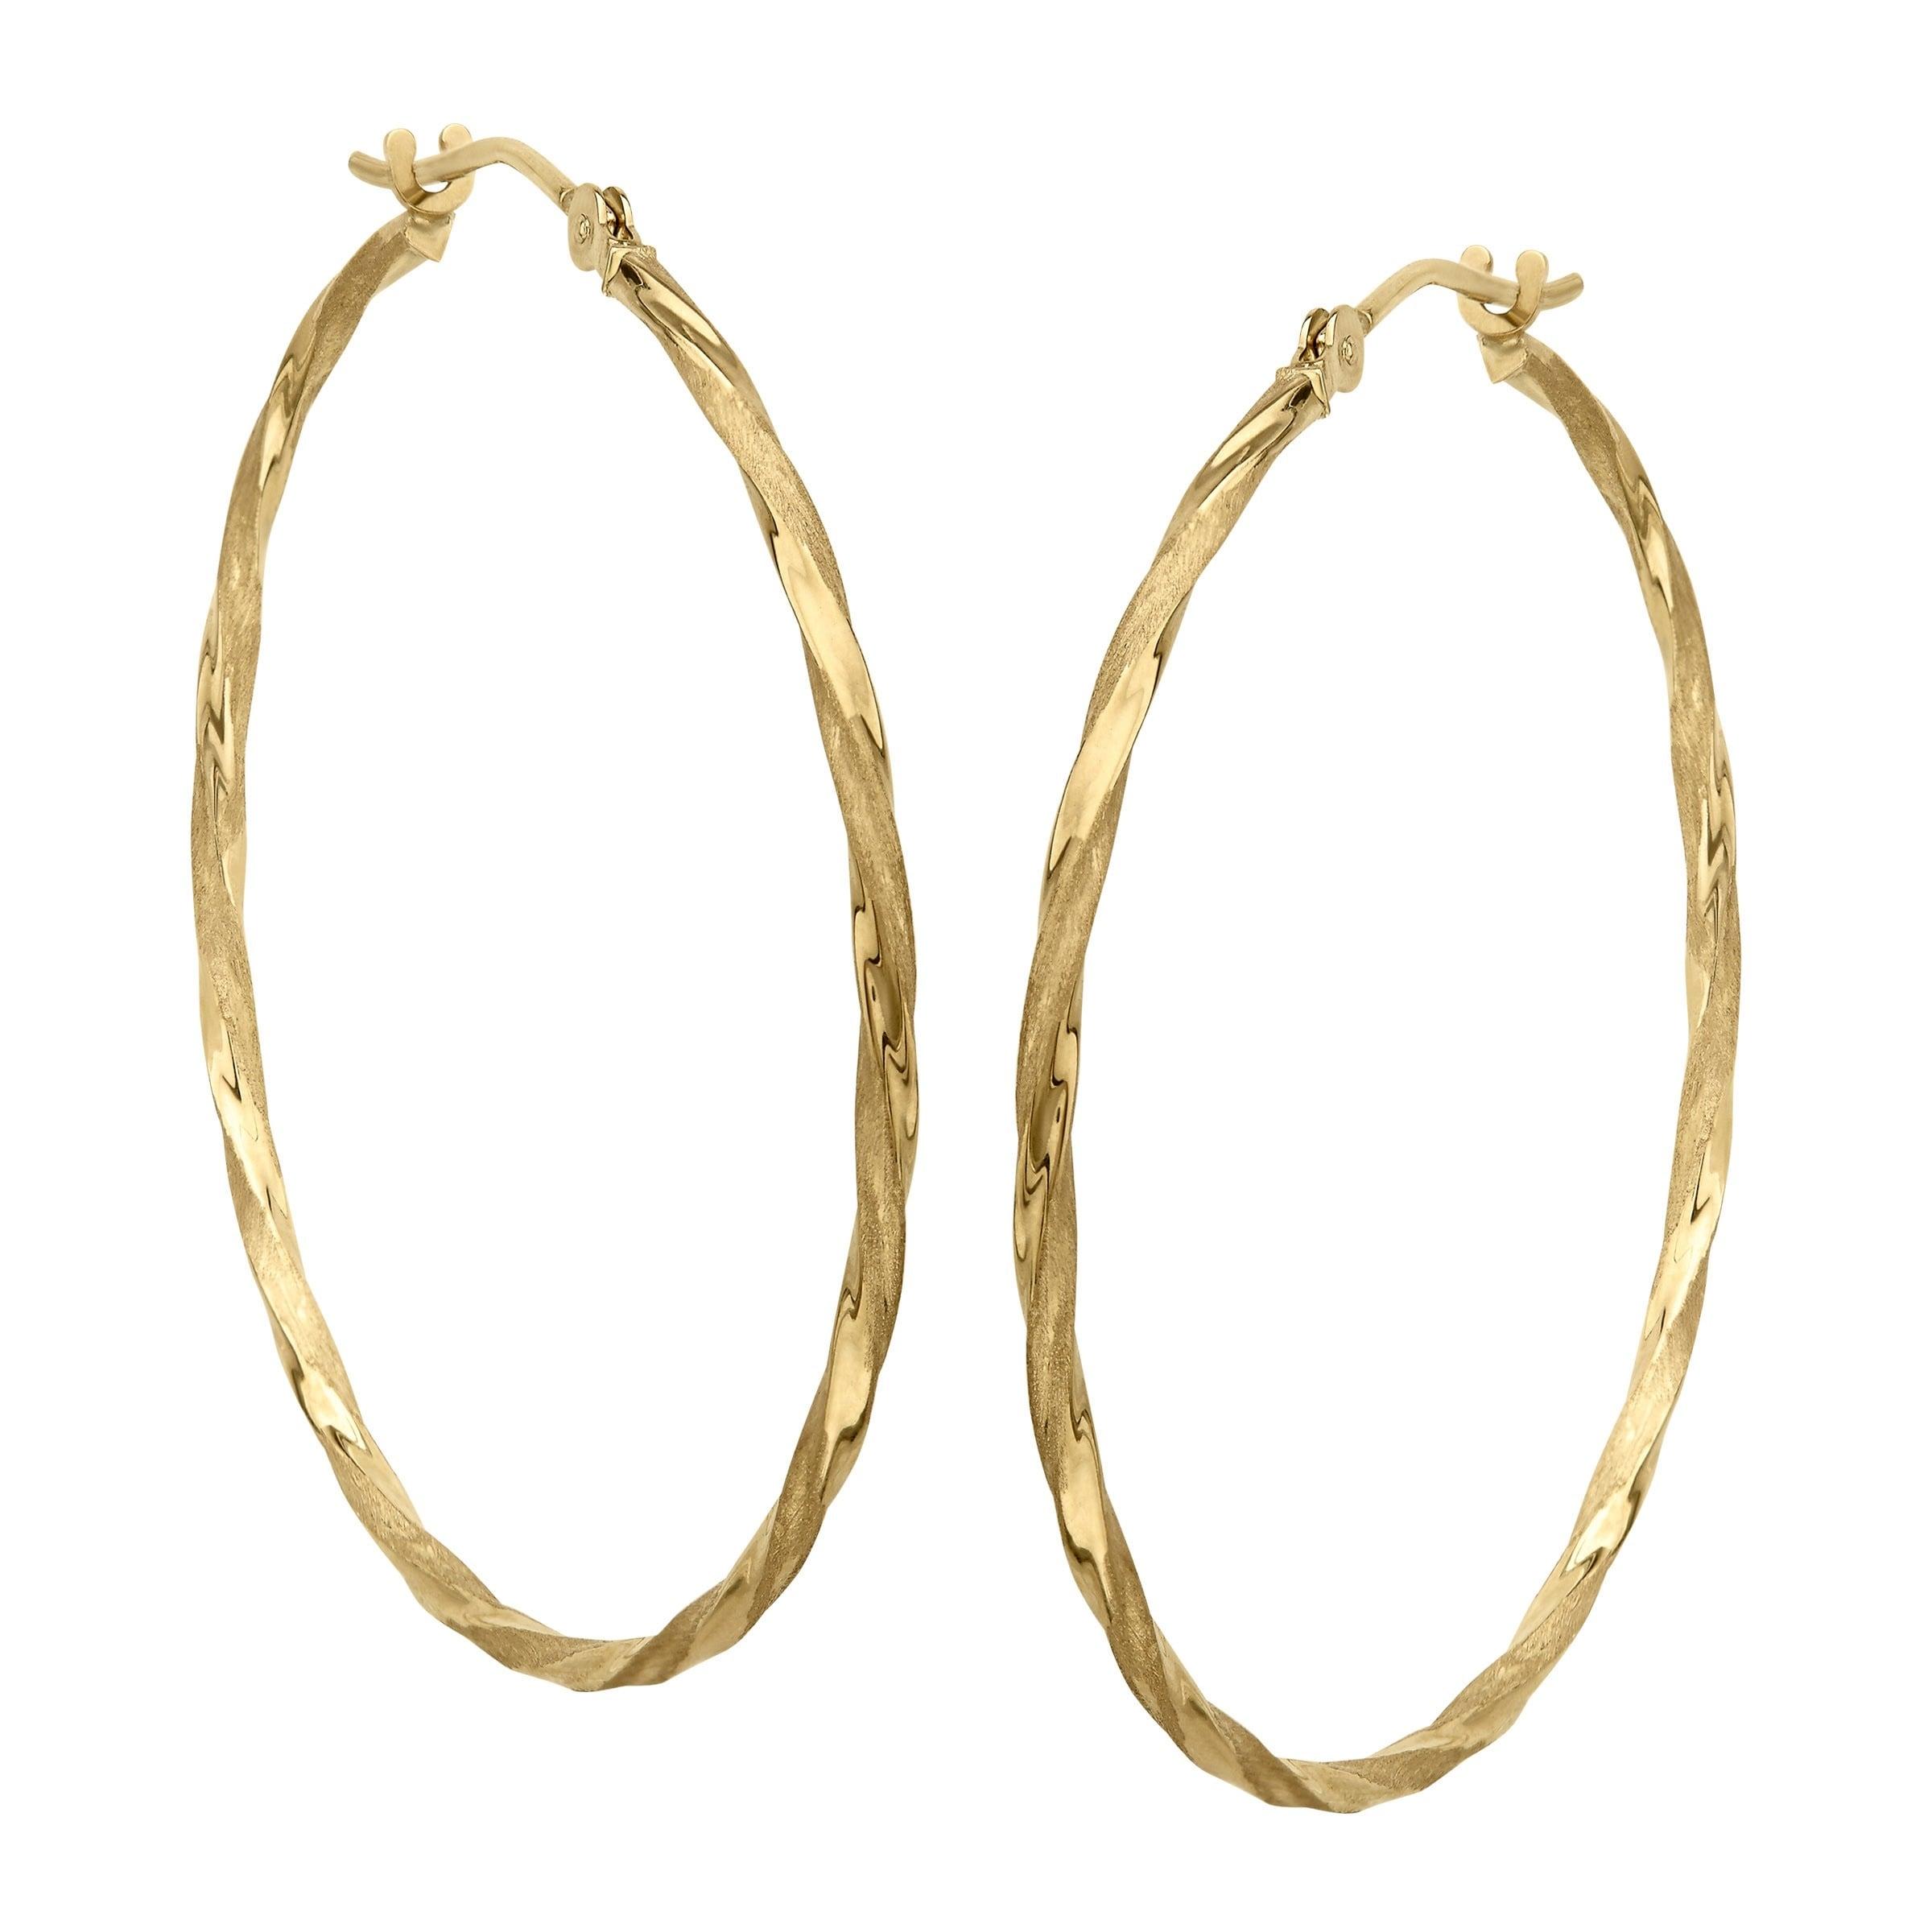 Eternity Gold Twisted Hoop Earrings In 14k Yellow